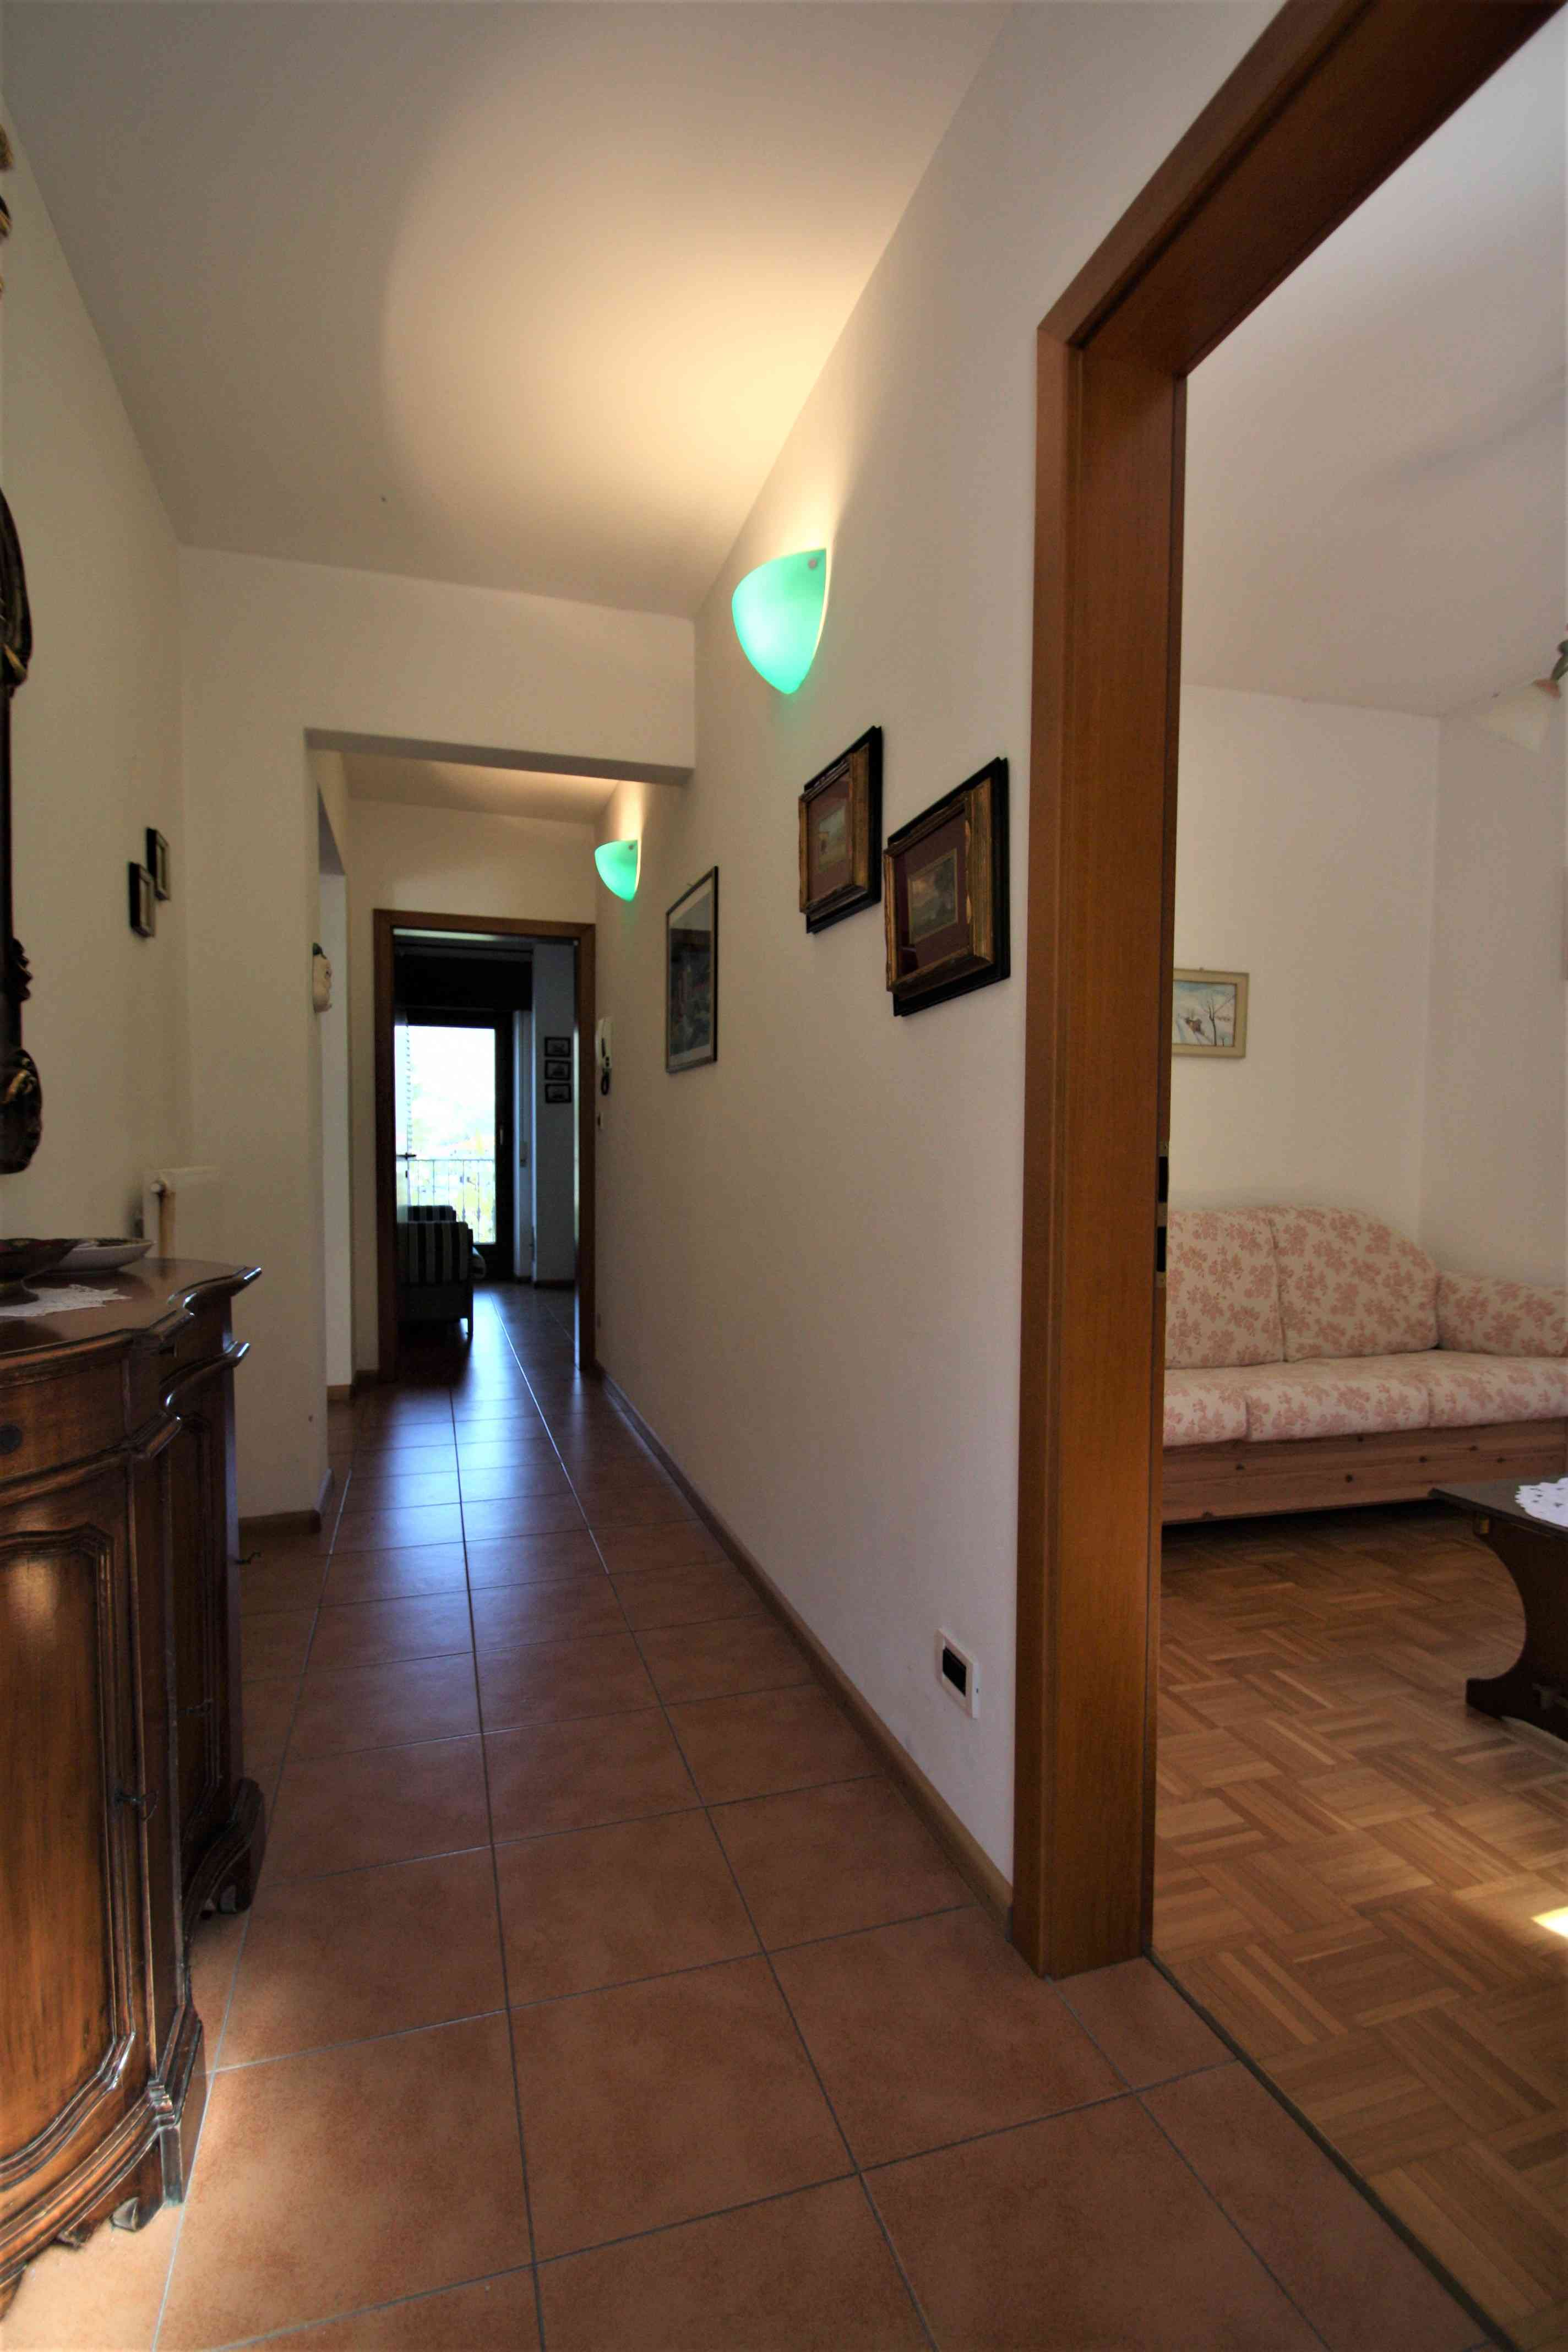 Agenzia Immobiliare Cadore - Appartamento indipendente con ...